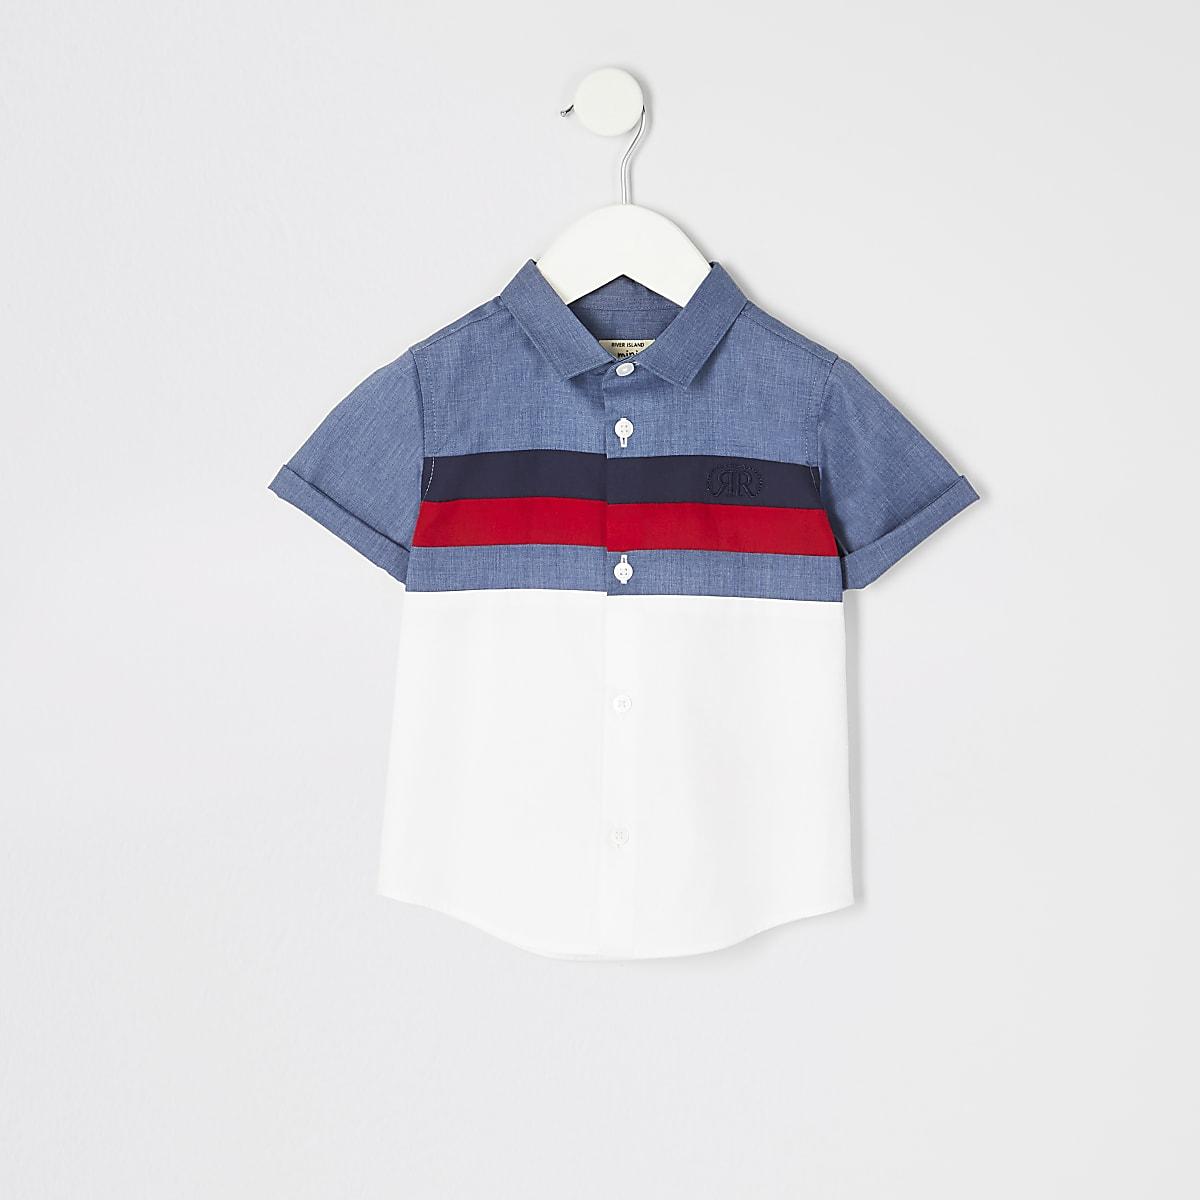 Mini boys navy block shirt